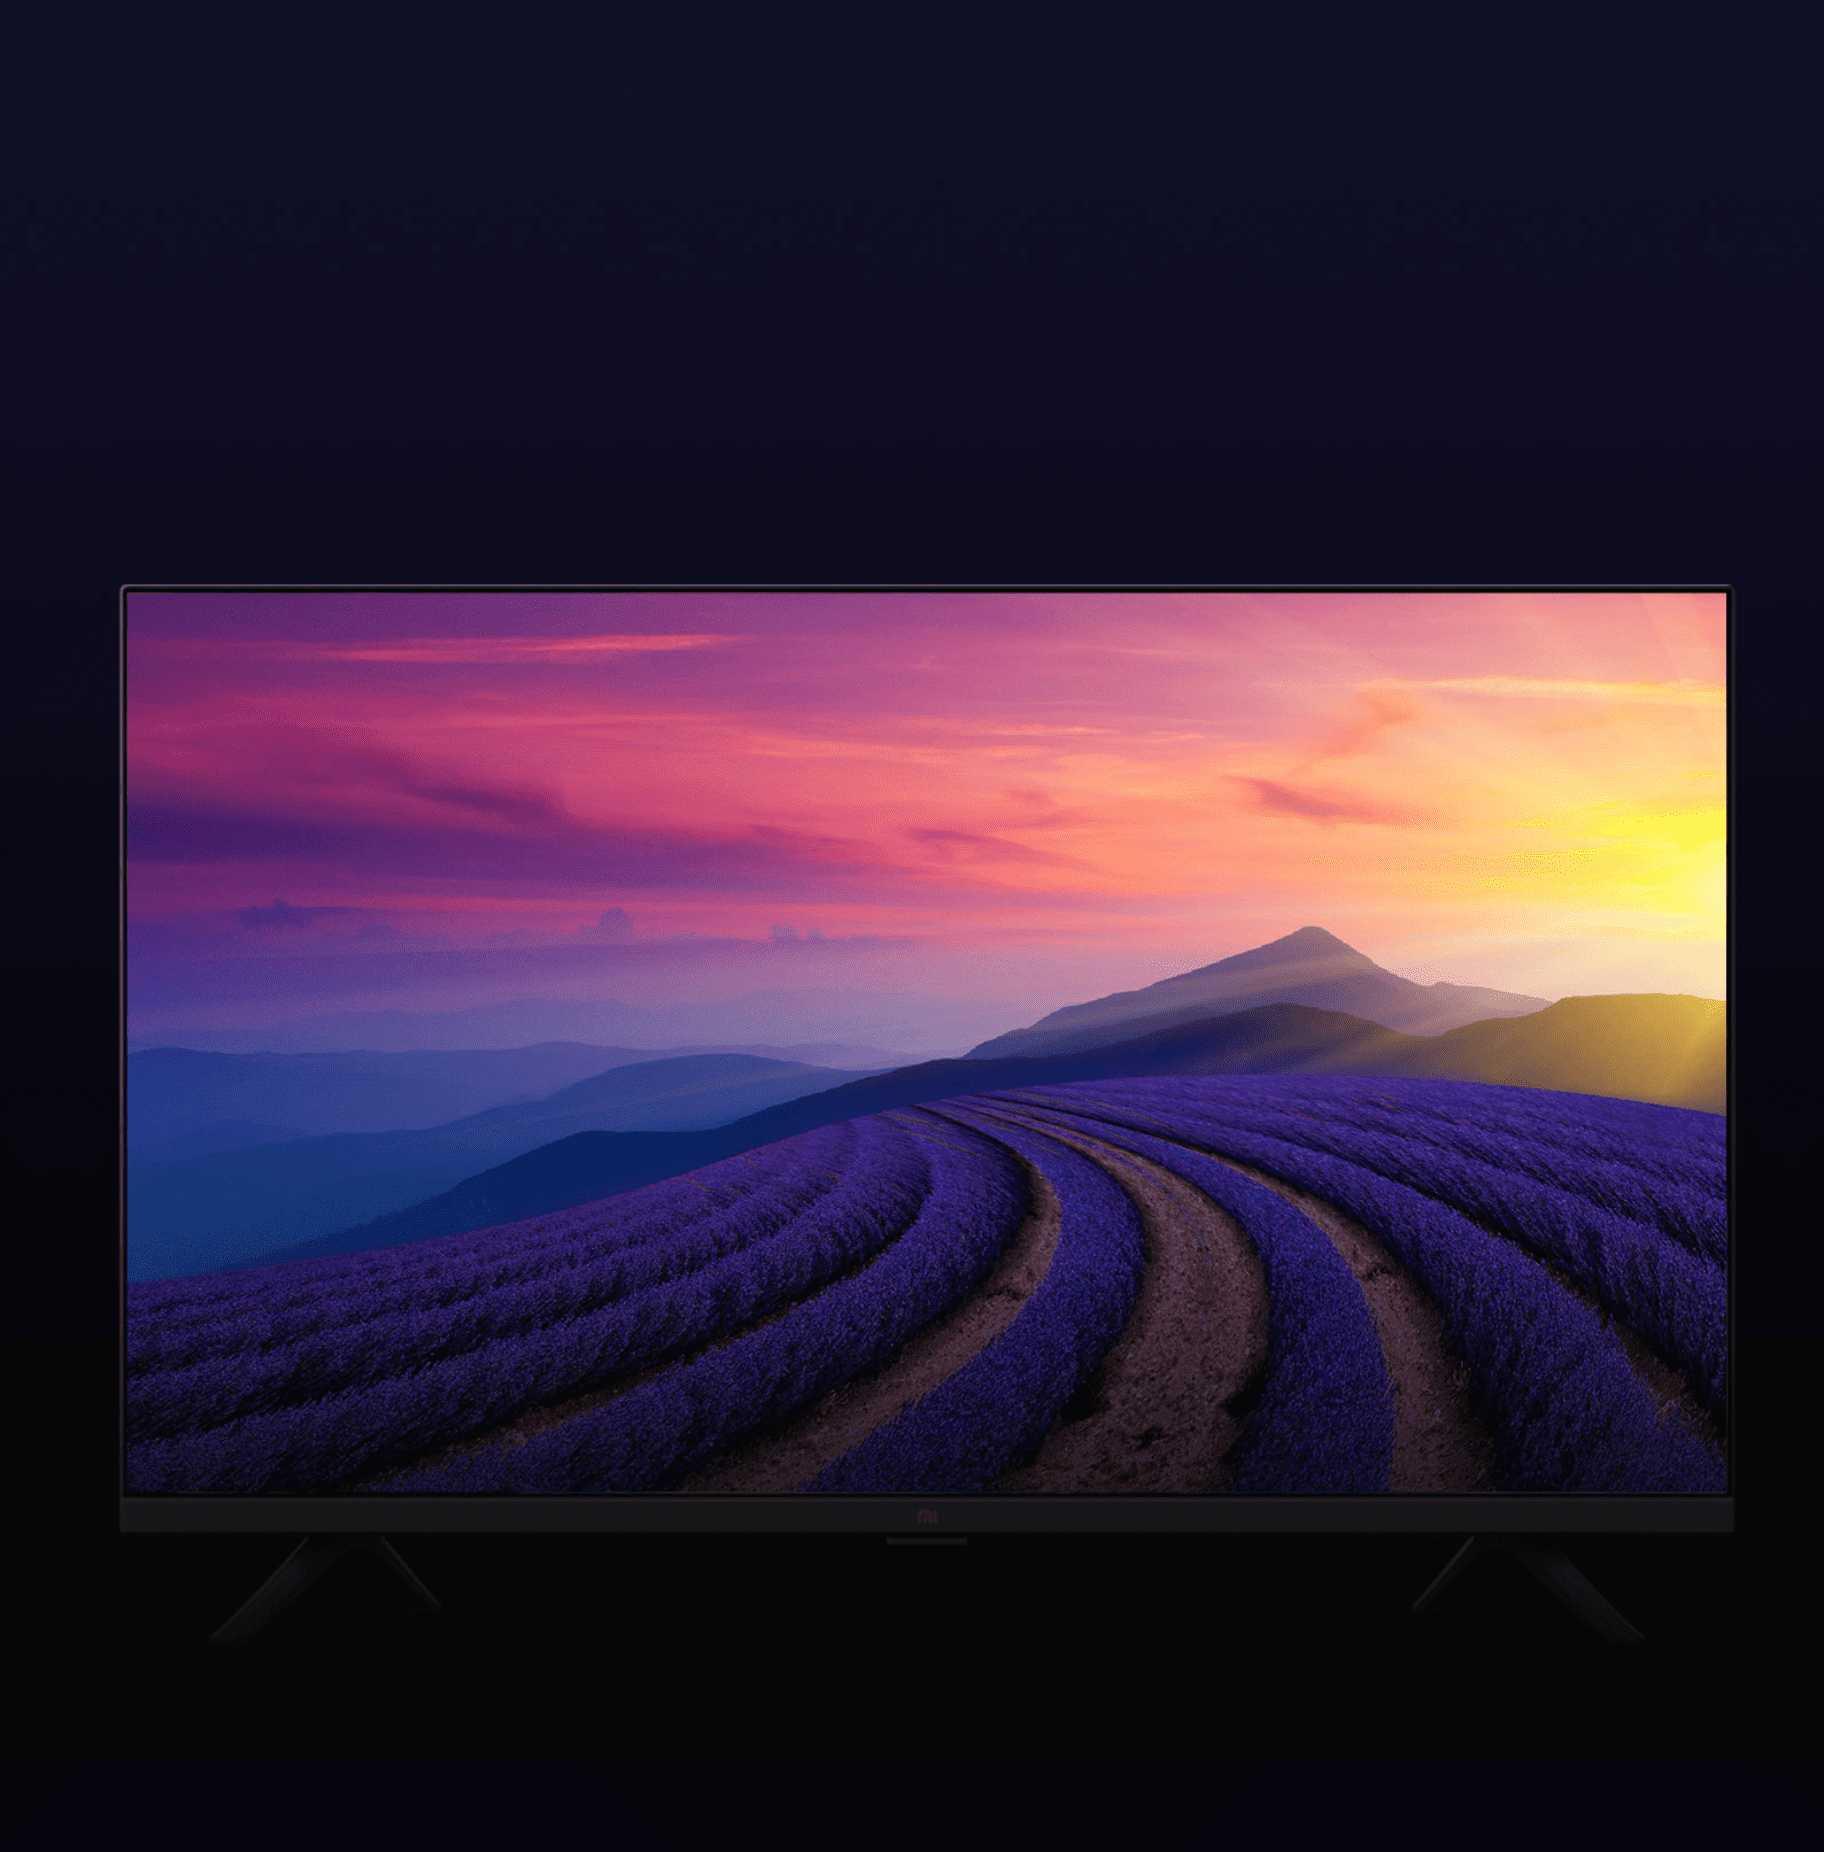 MI TV Vivid Picture